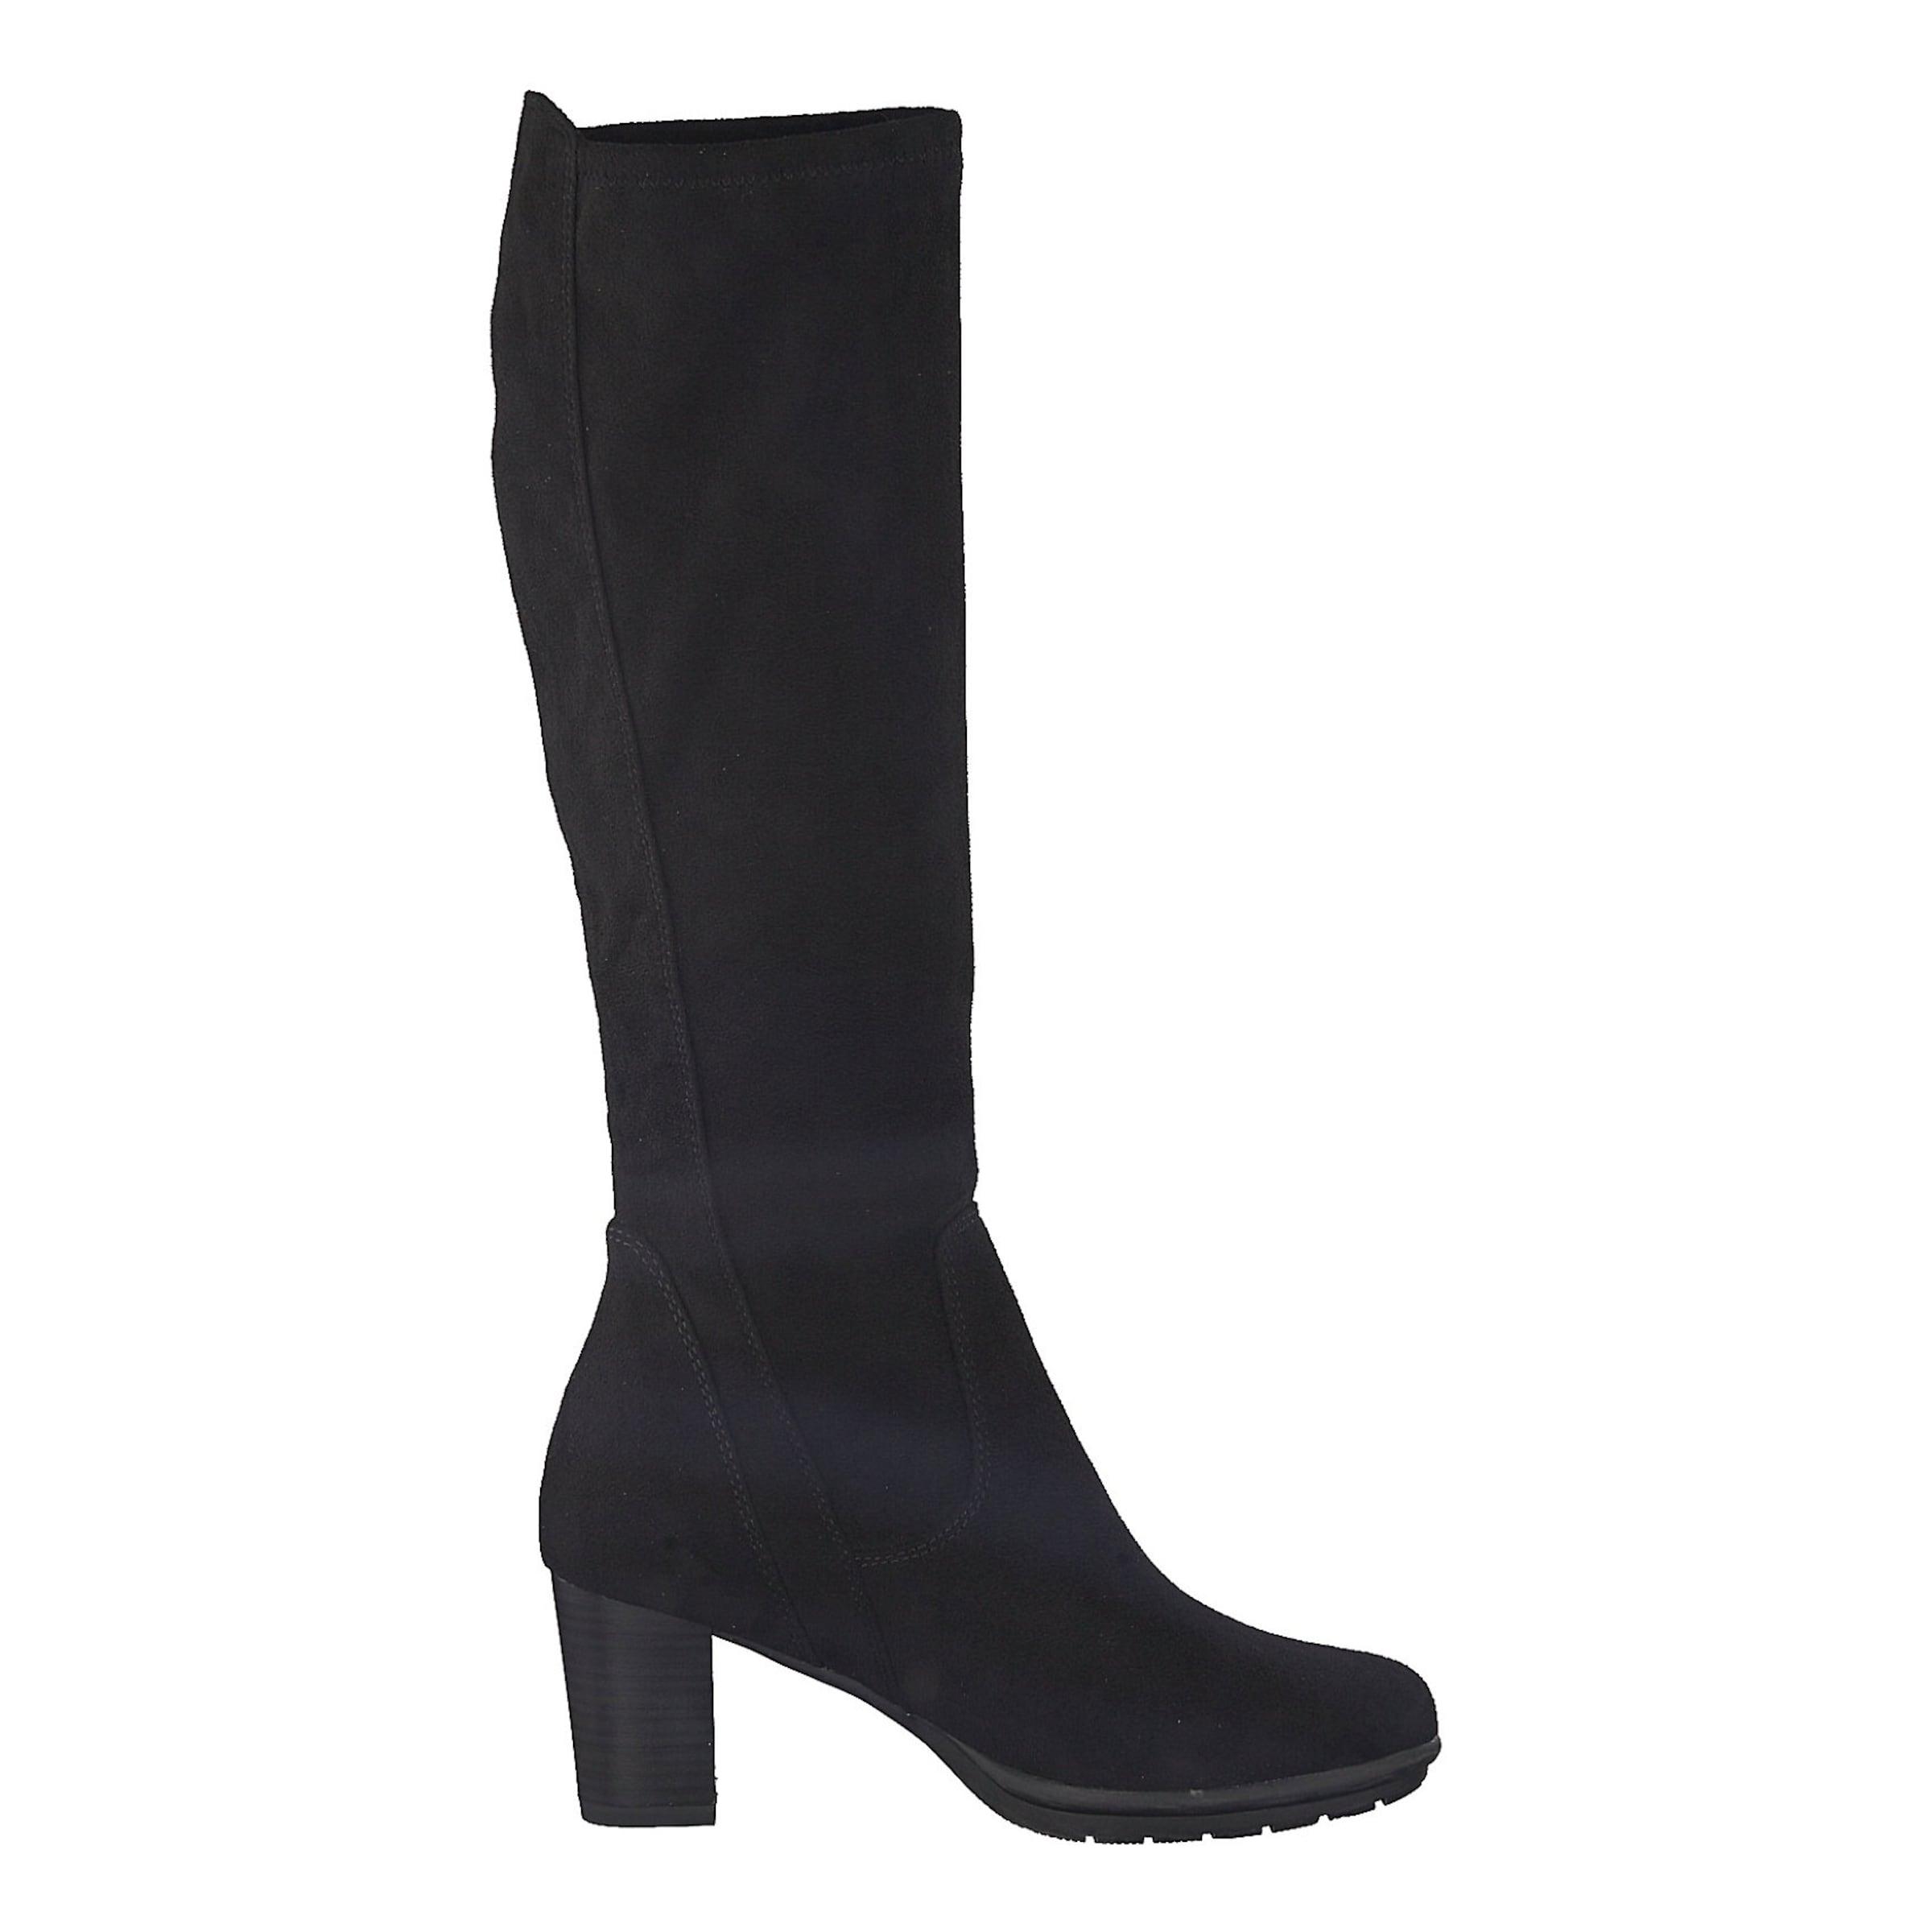 MARCO TOZZI Stiefel Textil Bequem, gut aussehend aussehend aussehend dd287b